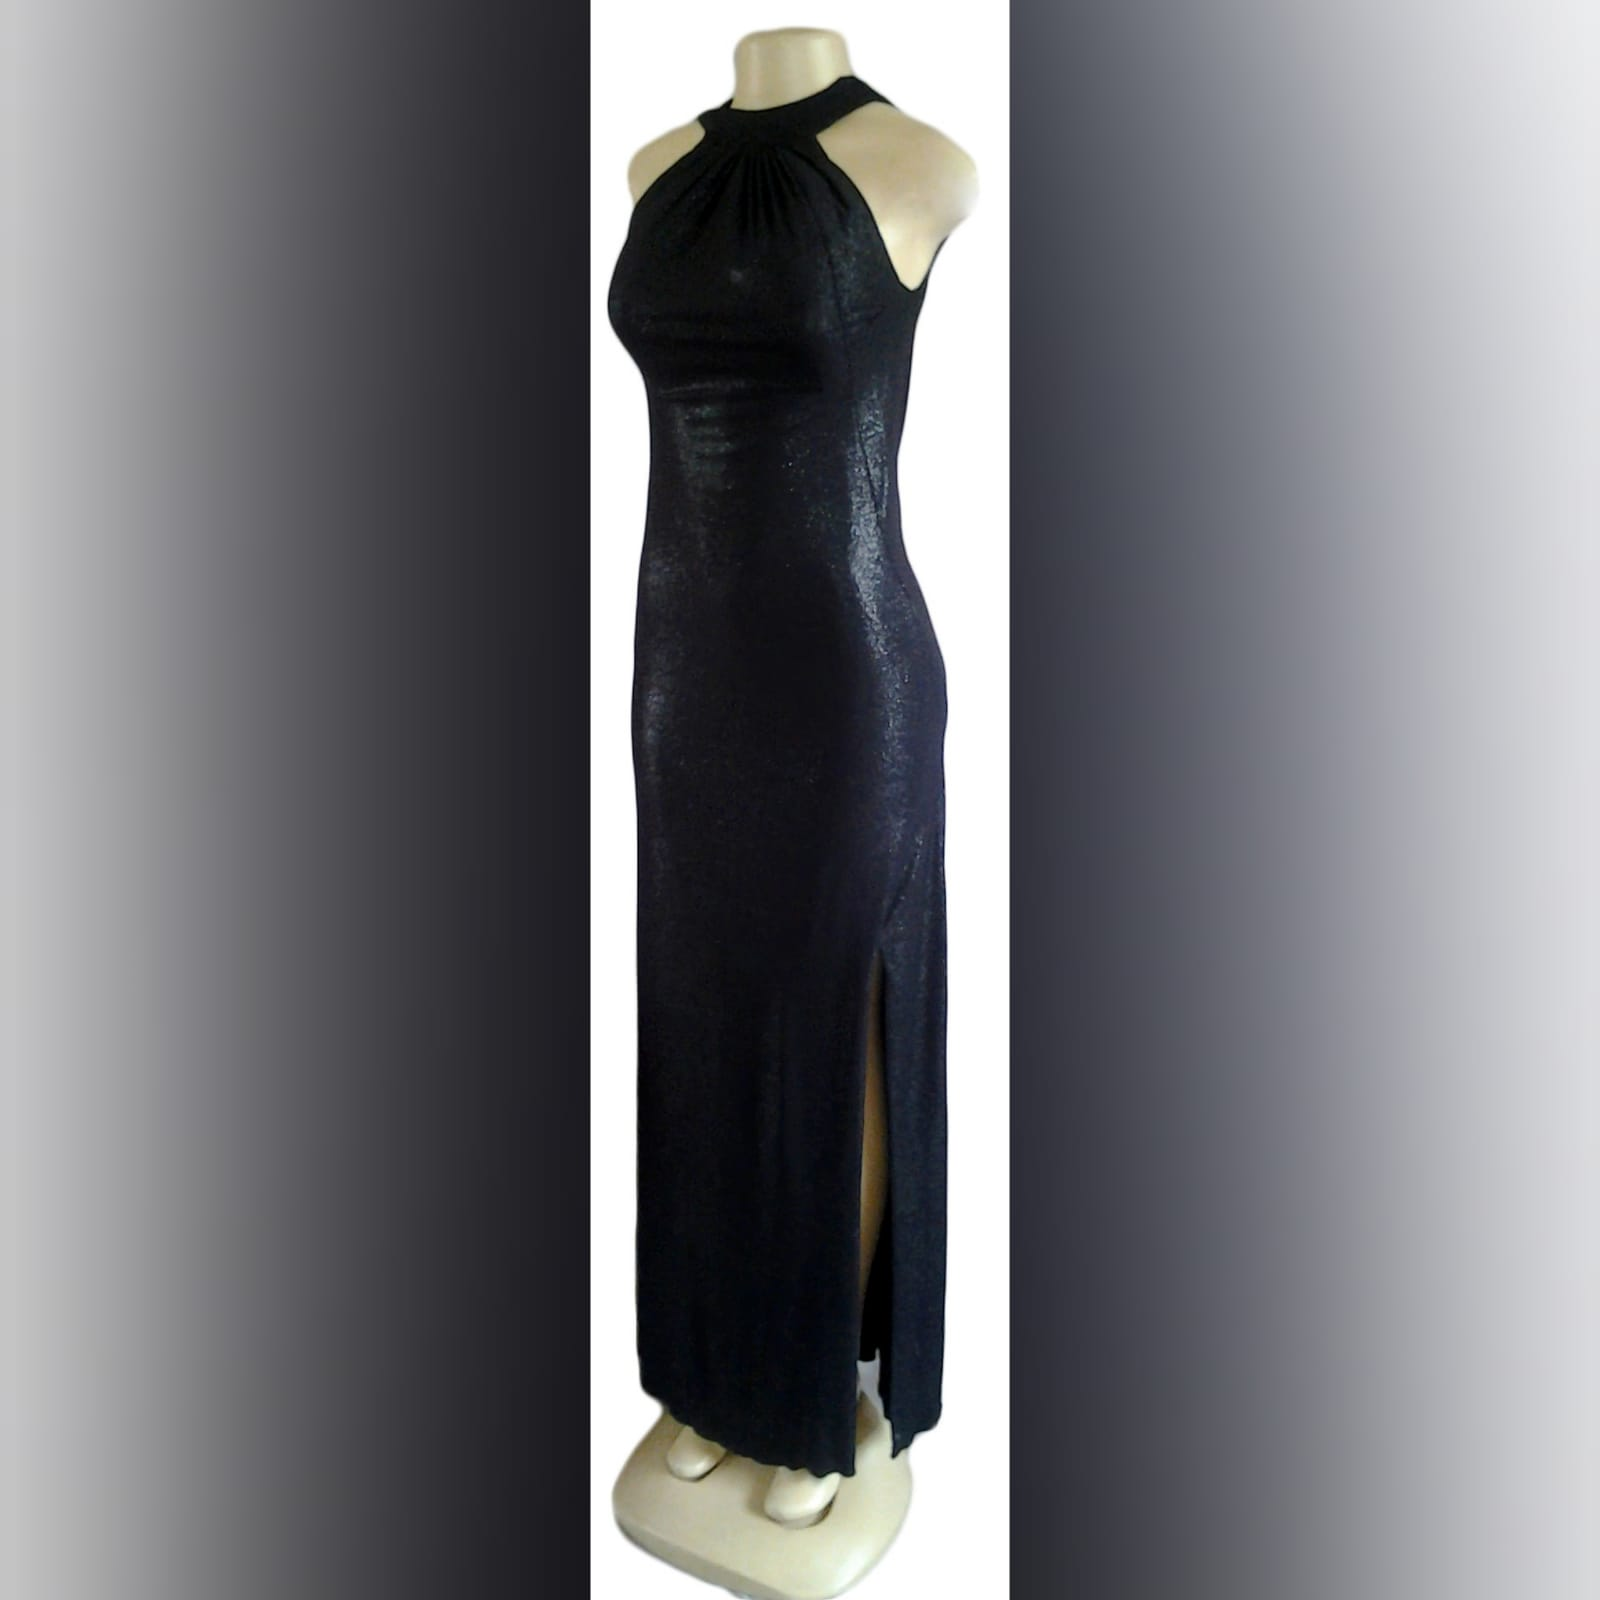 Vestido de noite preto brilhante longo 2 vestido de noite preto brilhante longo, com decote da frente recolhido, e um baixo cowl neck aberto na parte de trás, com uma fenda lateral.